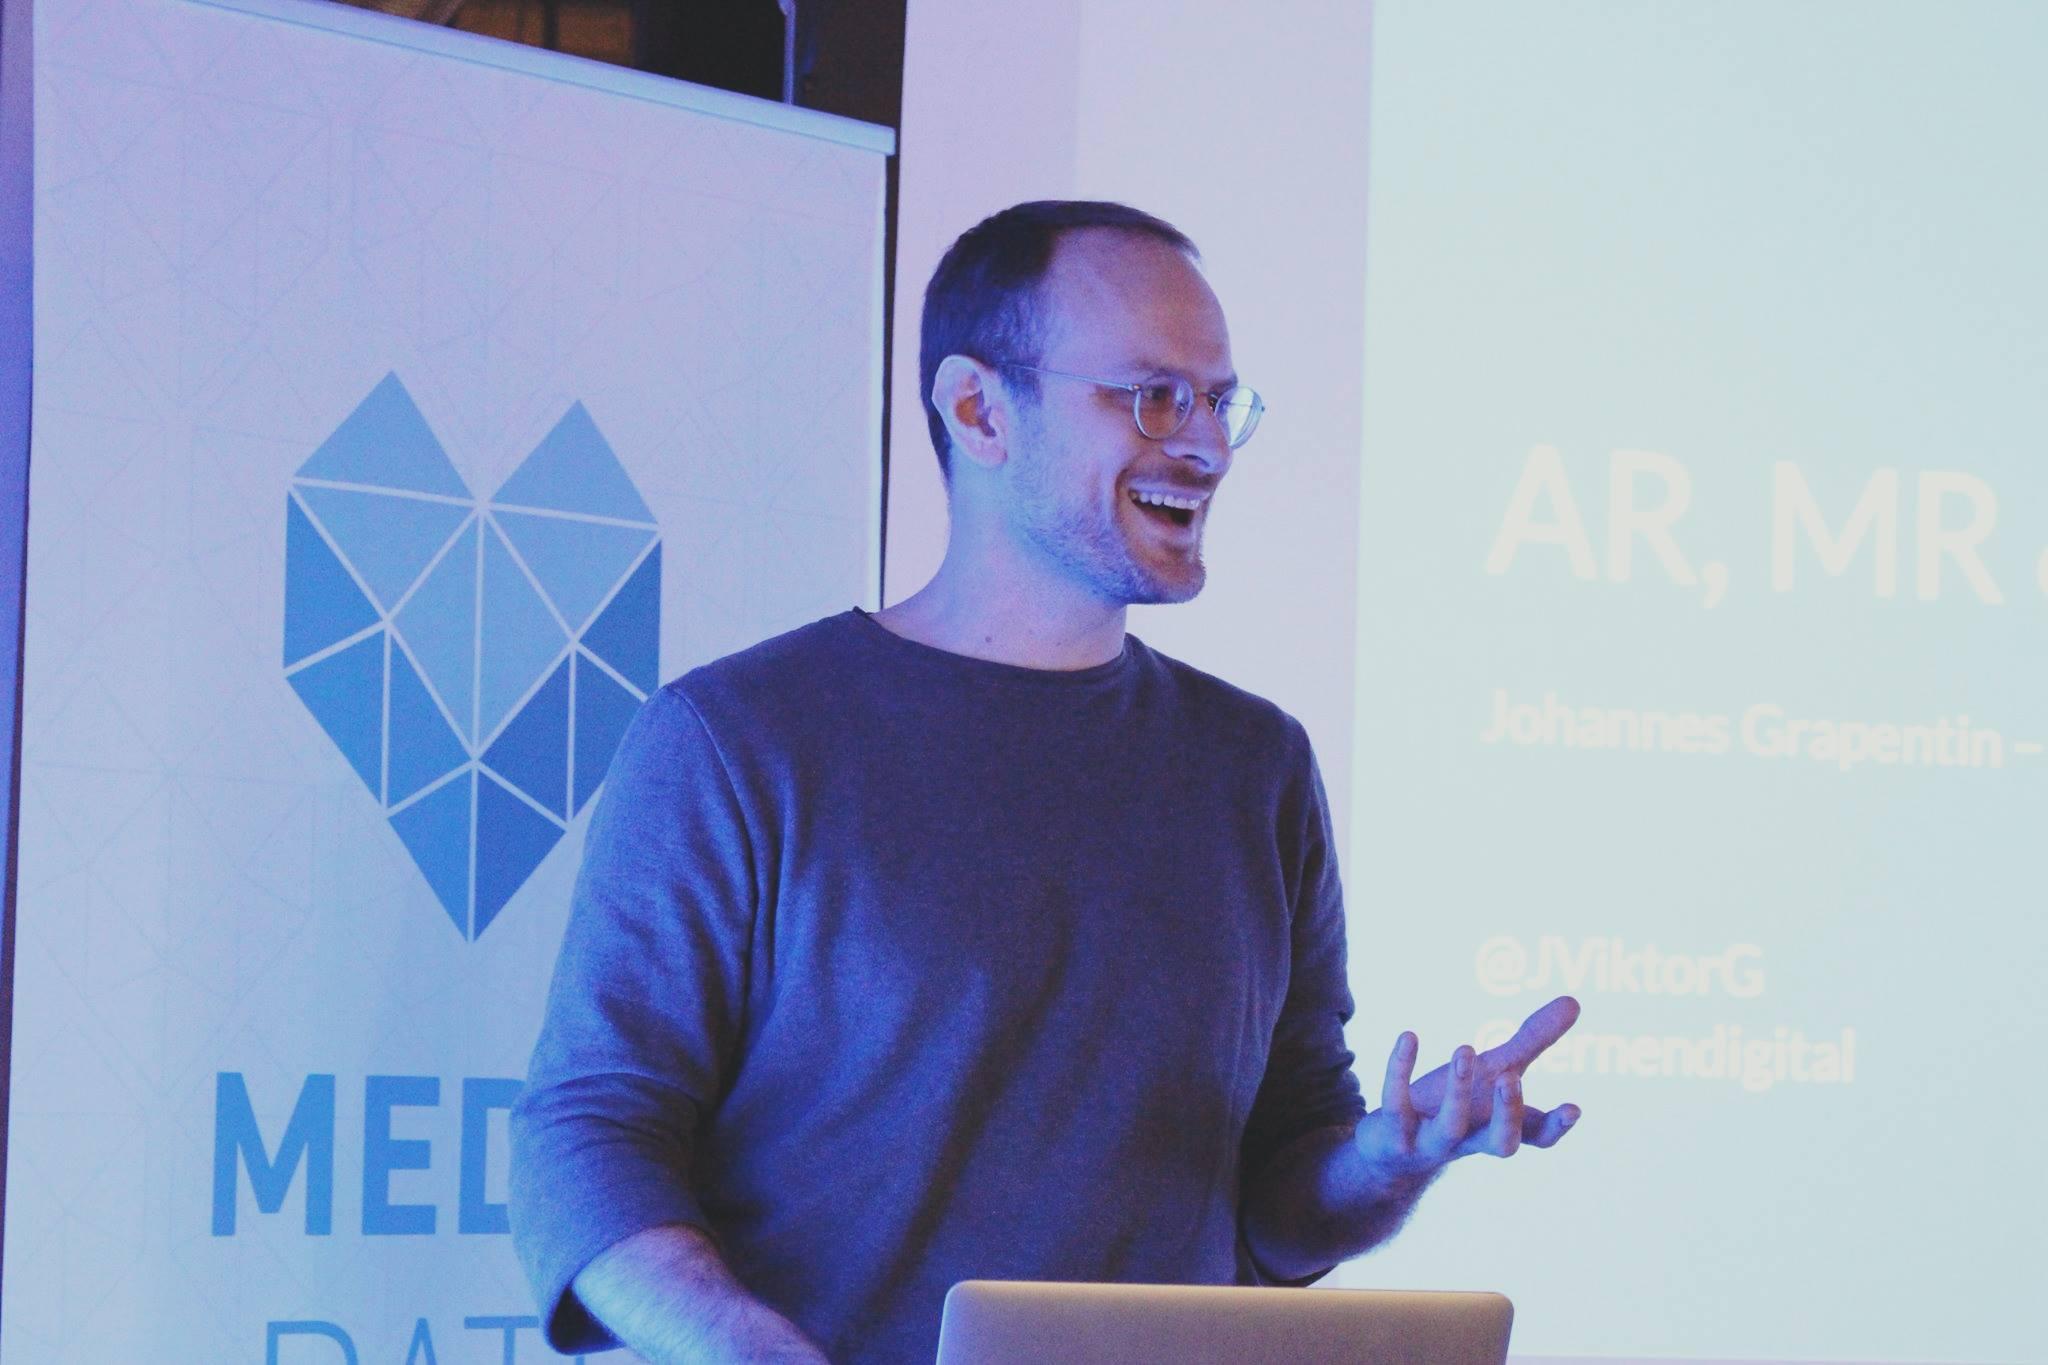 Johannes Grapentin vom Institut für digitales Lernen hält einen Vortrag über AR, VR und MR